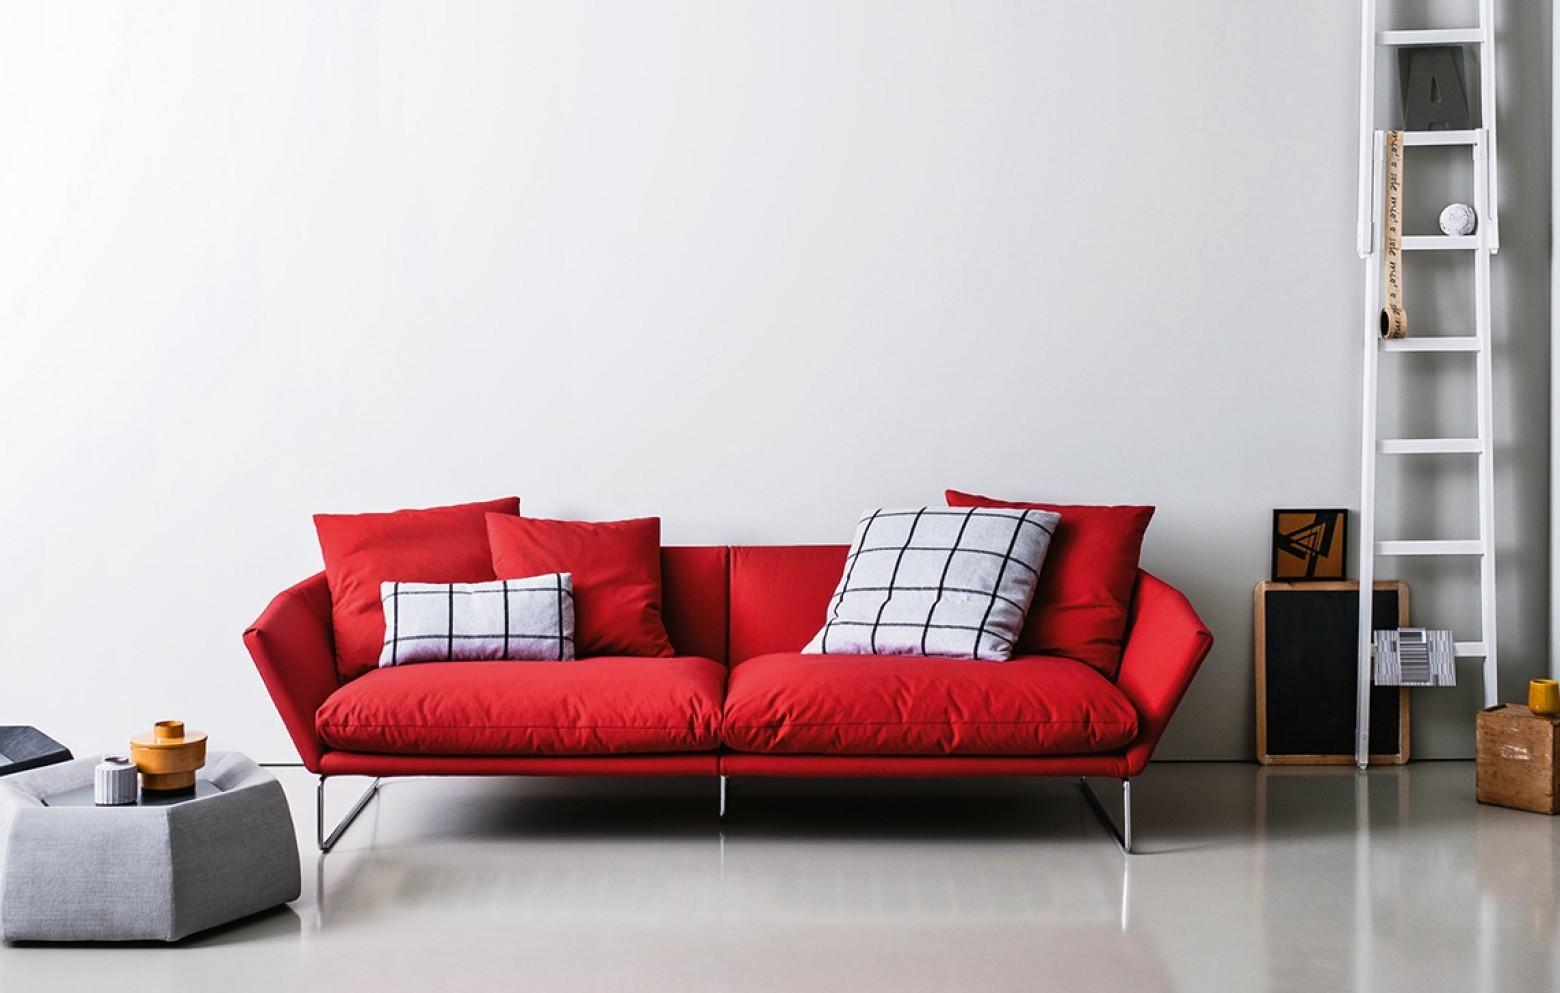 Brilliant Italienische Polstermöbel Ideen Von Polstermöbel With New York Sofa Einzelsofas Polstermöbel